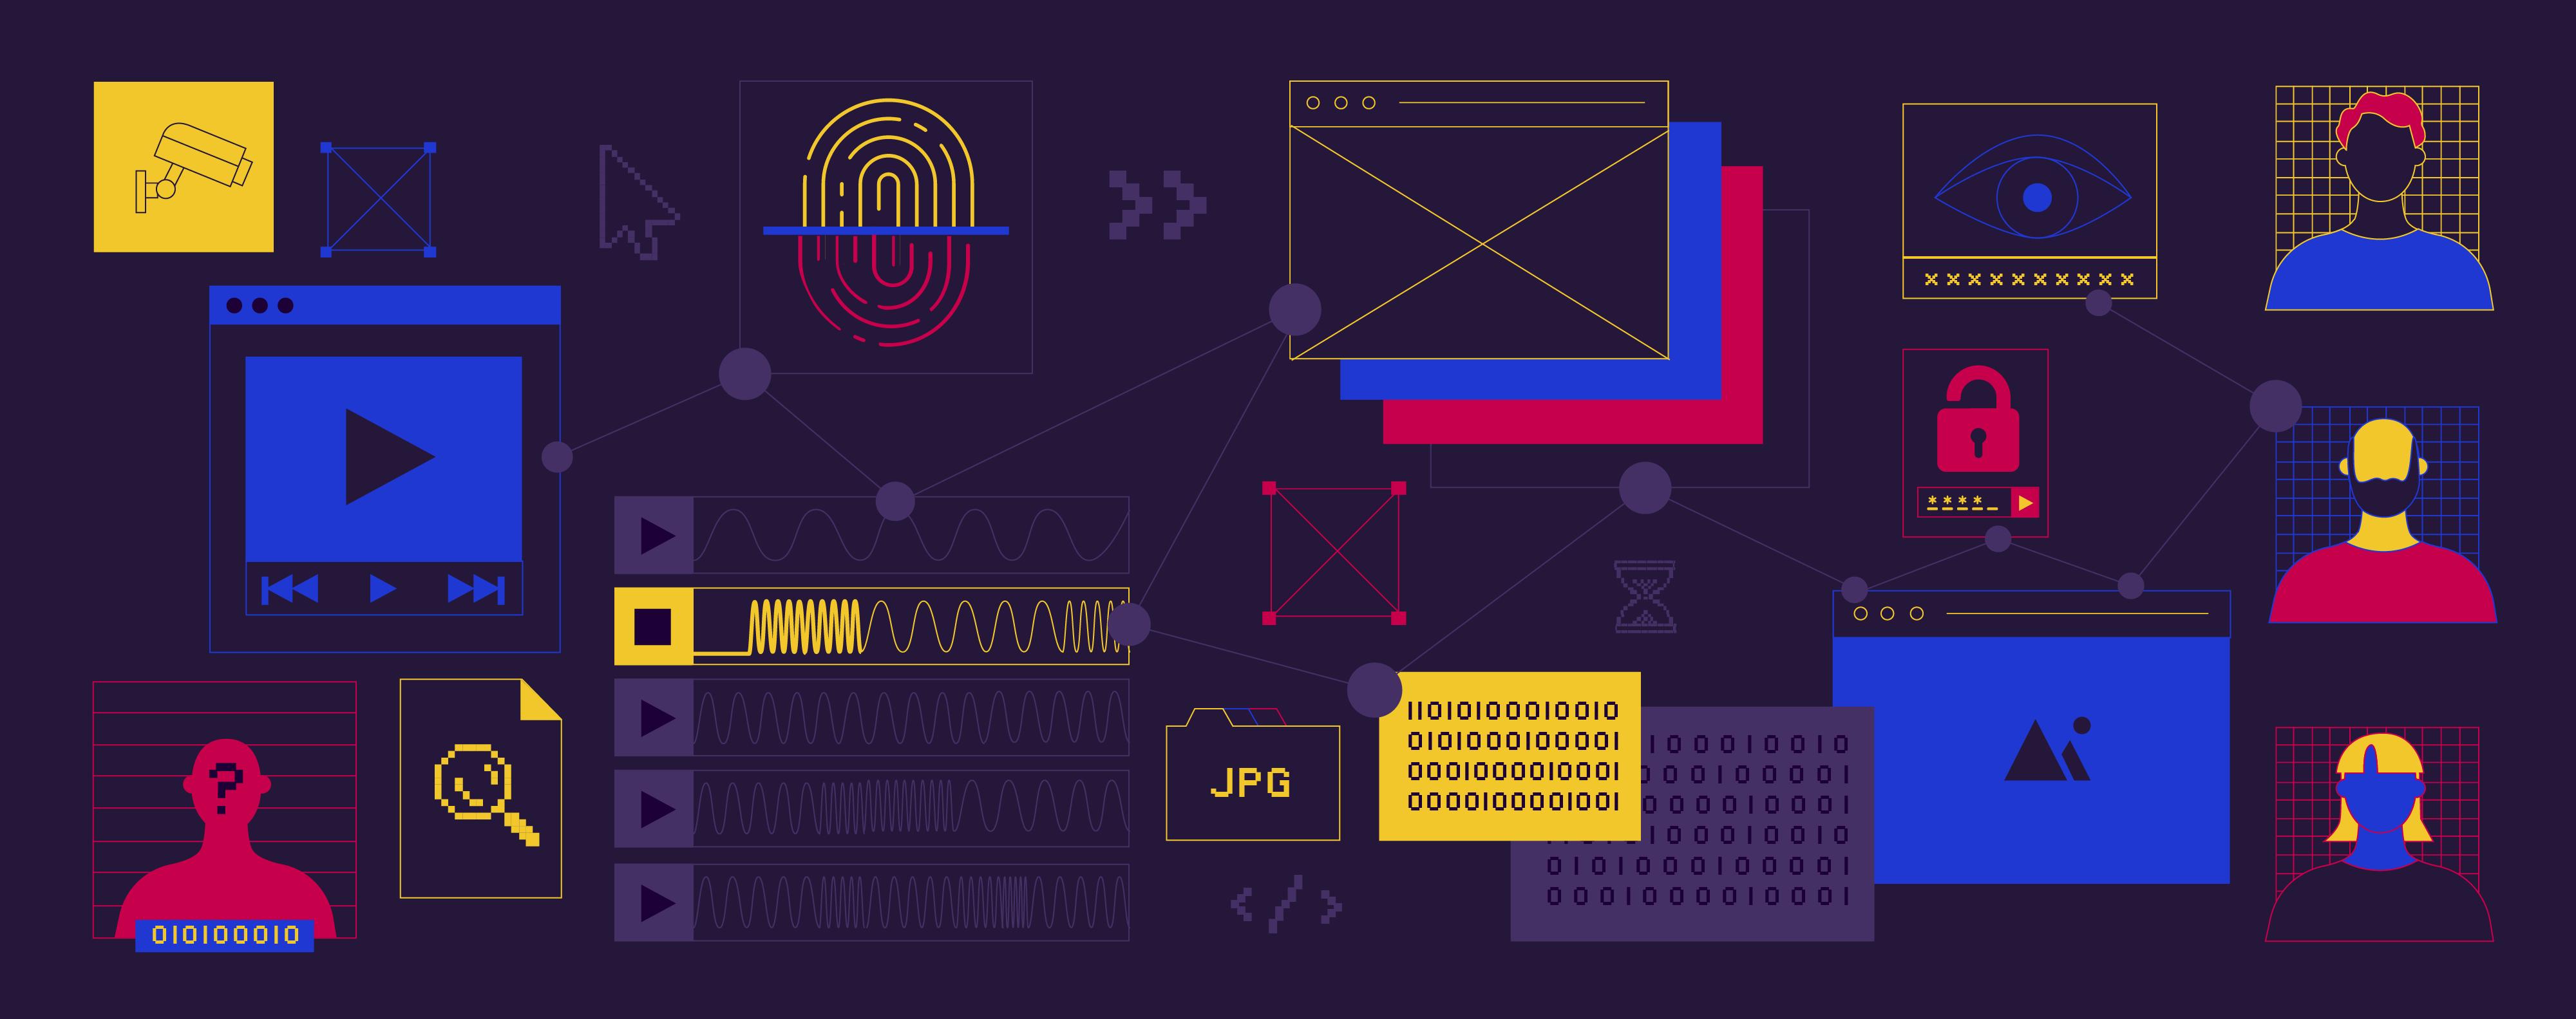 Unificar las causas, agilizar los trámites y las dudas sobre su uso en el futuro: ¿cómo es y qué busca el software que utiliza la justicia colombiana?